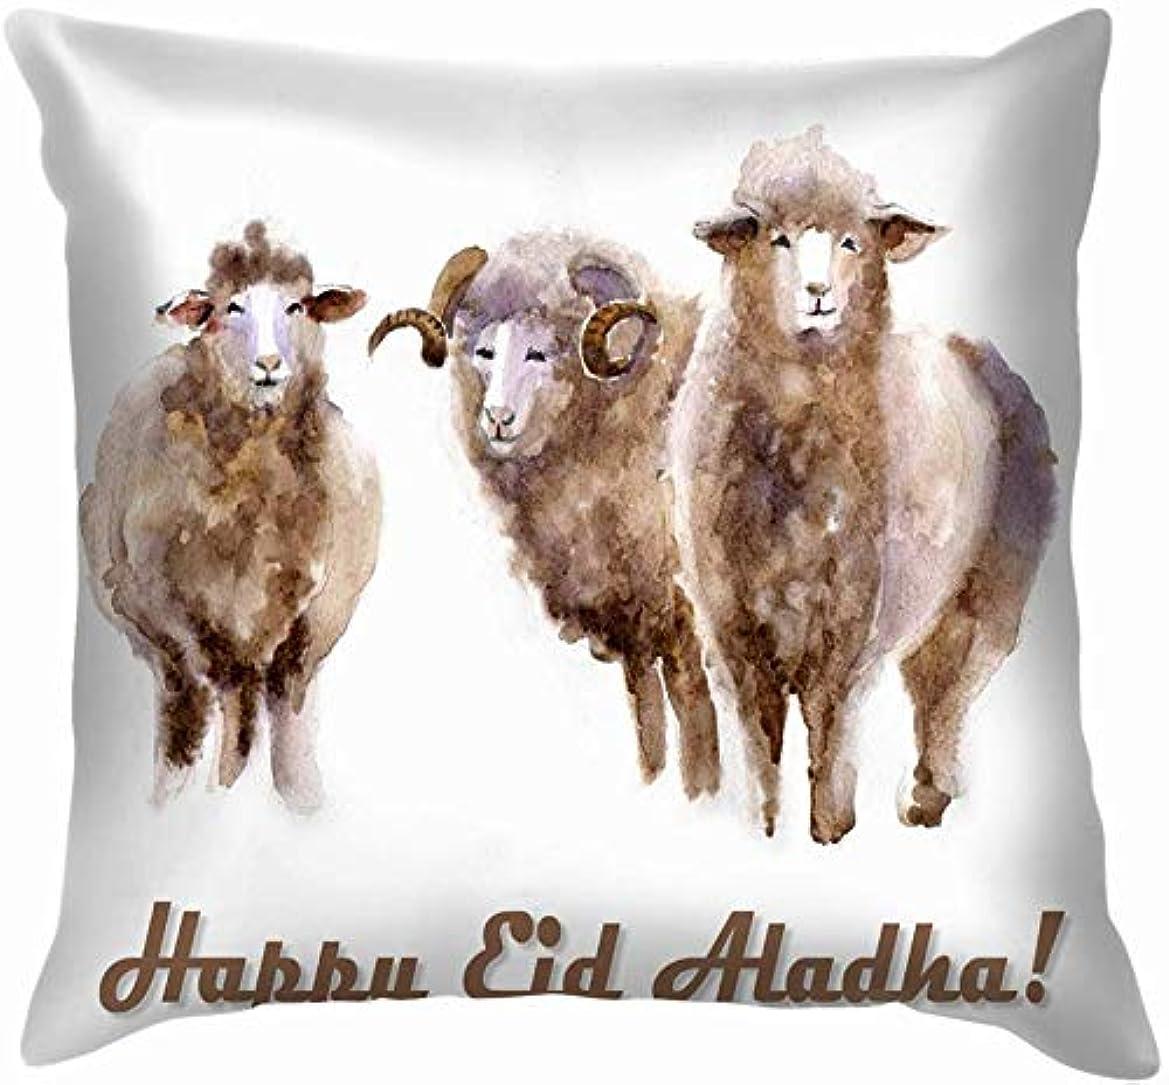 前兆ドライスチール白いイスラム教徒の休日の動物の水彩画の羊野生動物の犠牲者の枕カバーホームソファクッションカバー枕ギフト45x45 cm